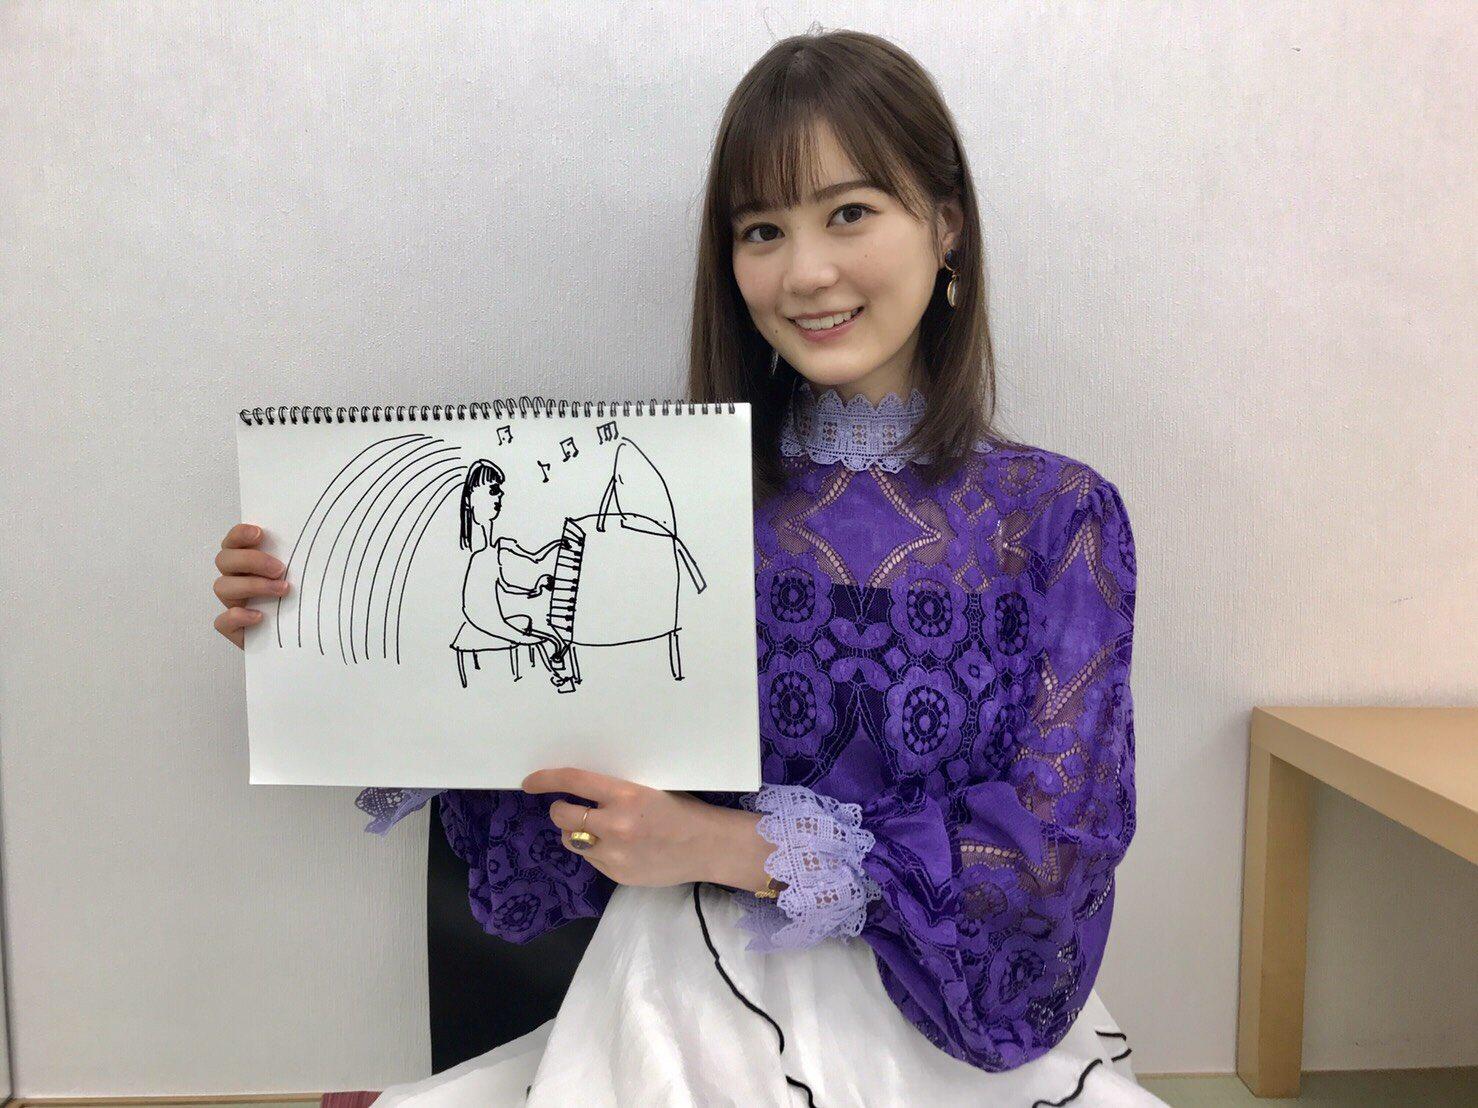 生田絵梨花 虹のプレリュード